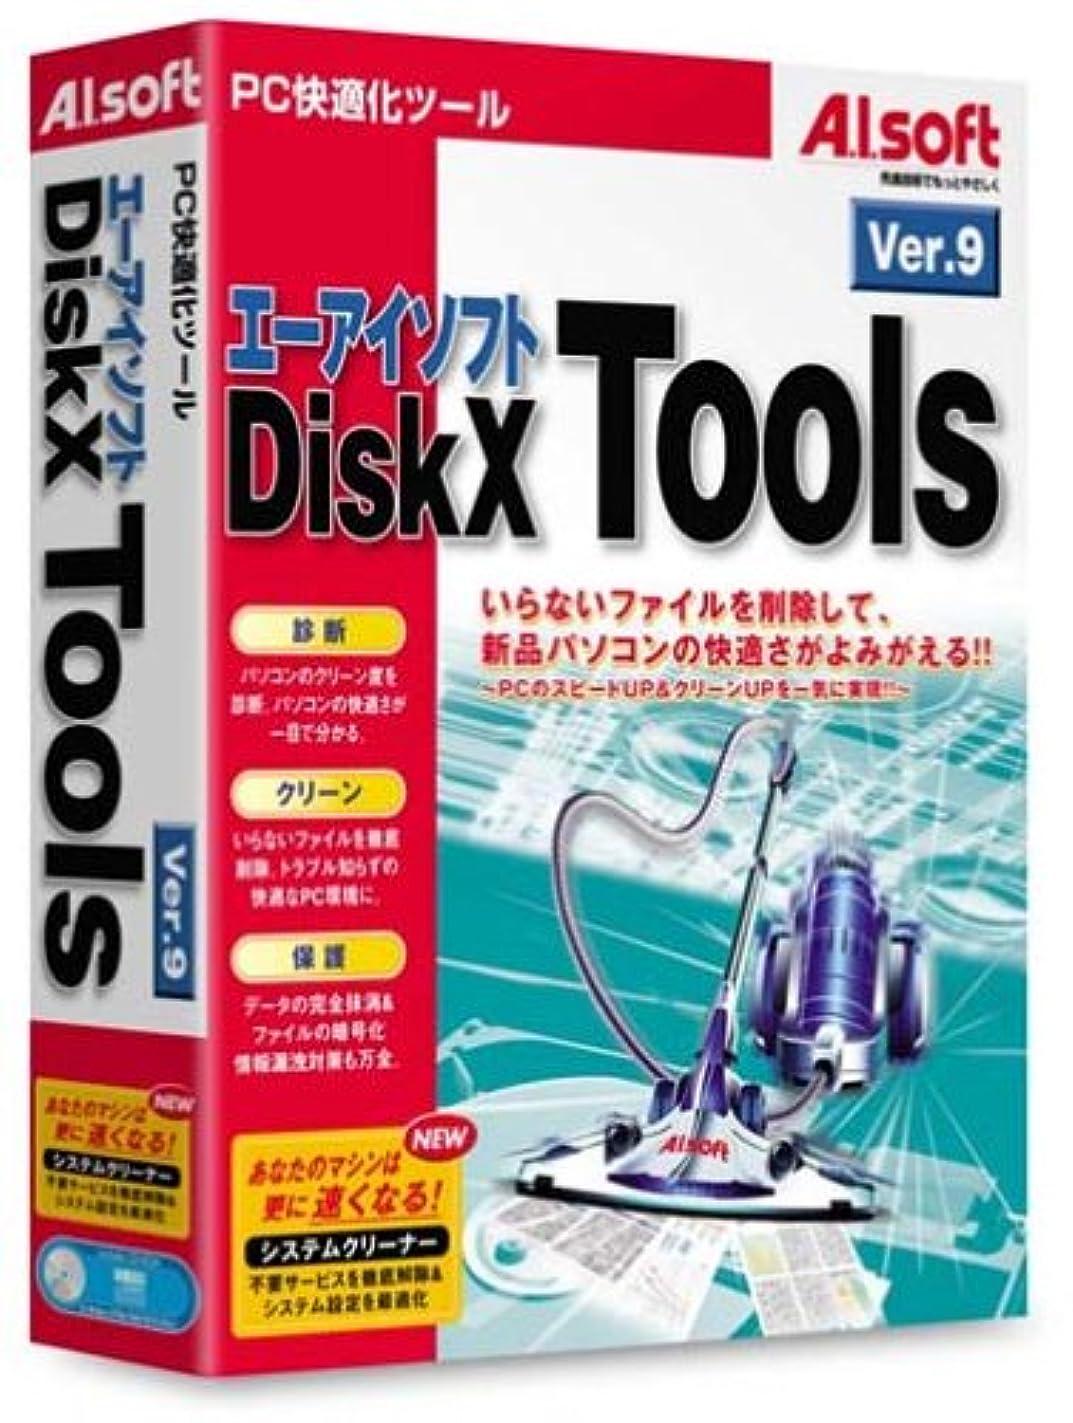 車結紮突然DiskXTools Ver.9 初回限定10,000本キャンペーン版